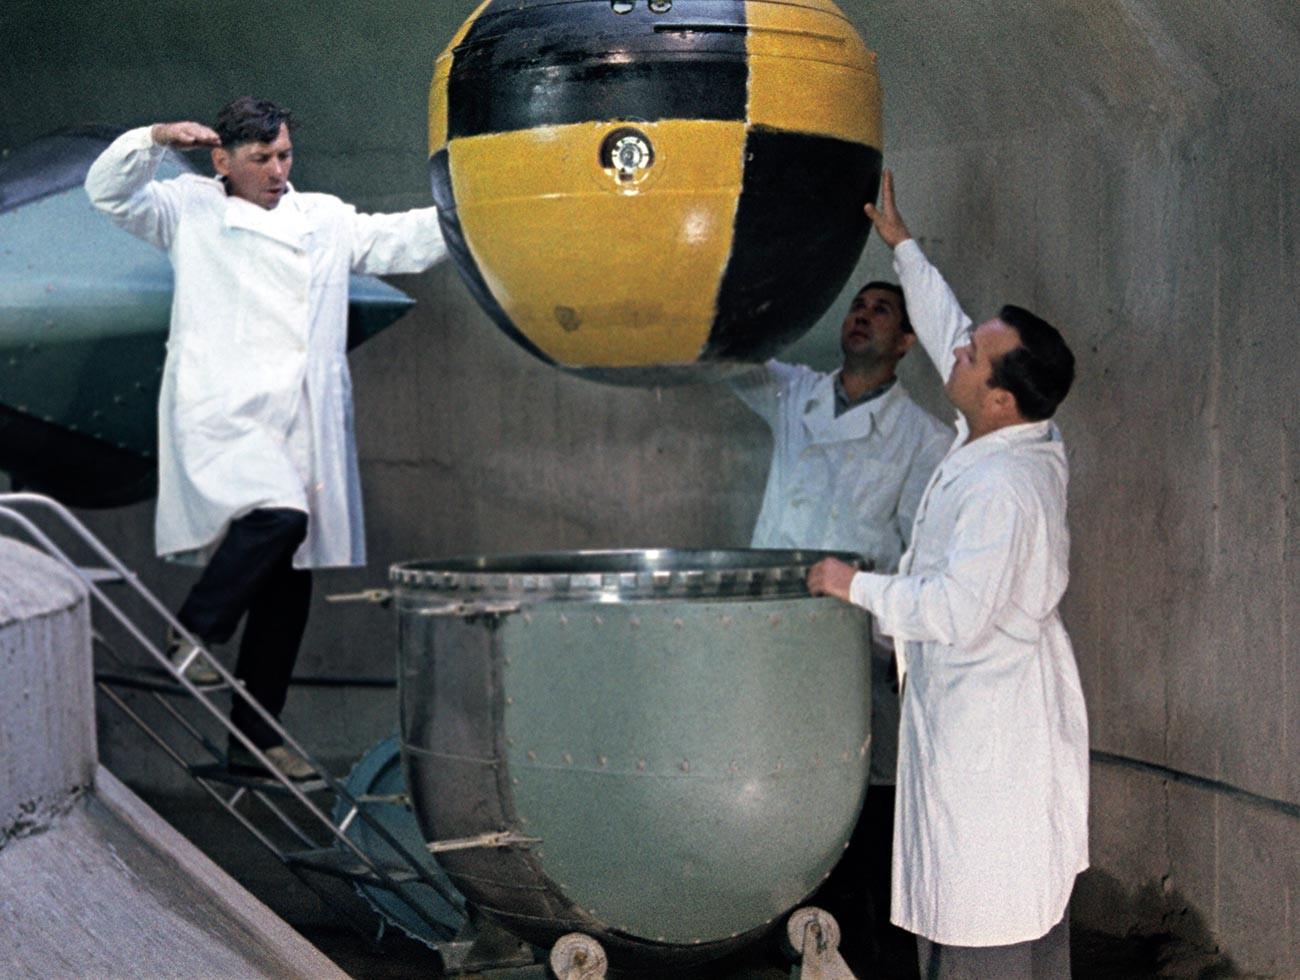 """Истраживачи се припремају да центрифугом тестирају сонду аутоматске међупланетарне станице """"Венера"""". Сцена из документарног филма."""